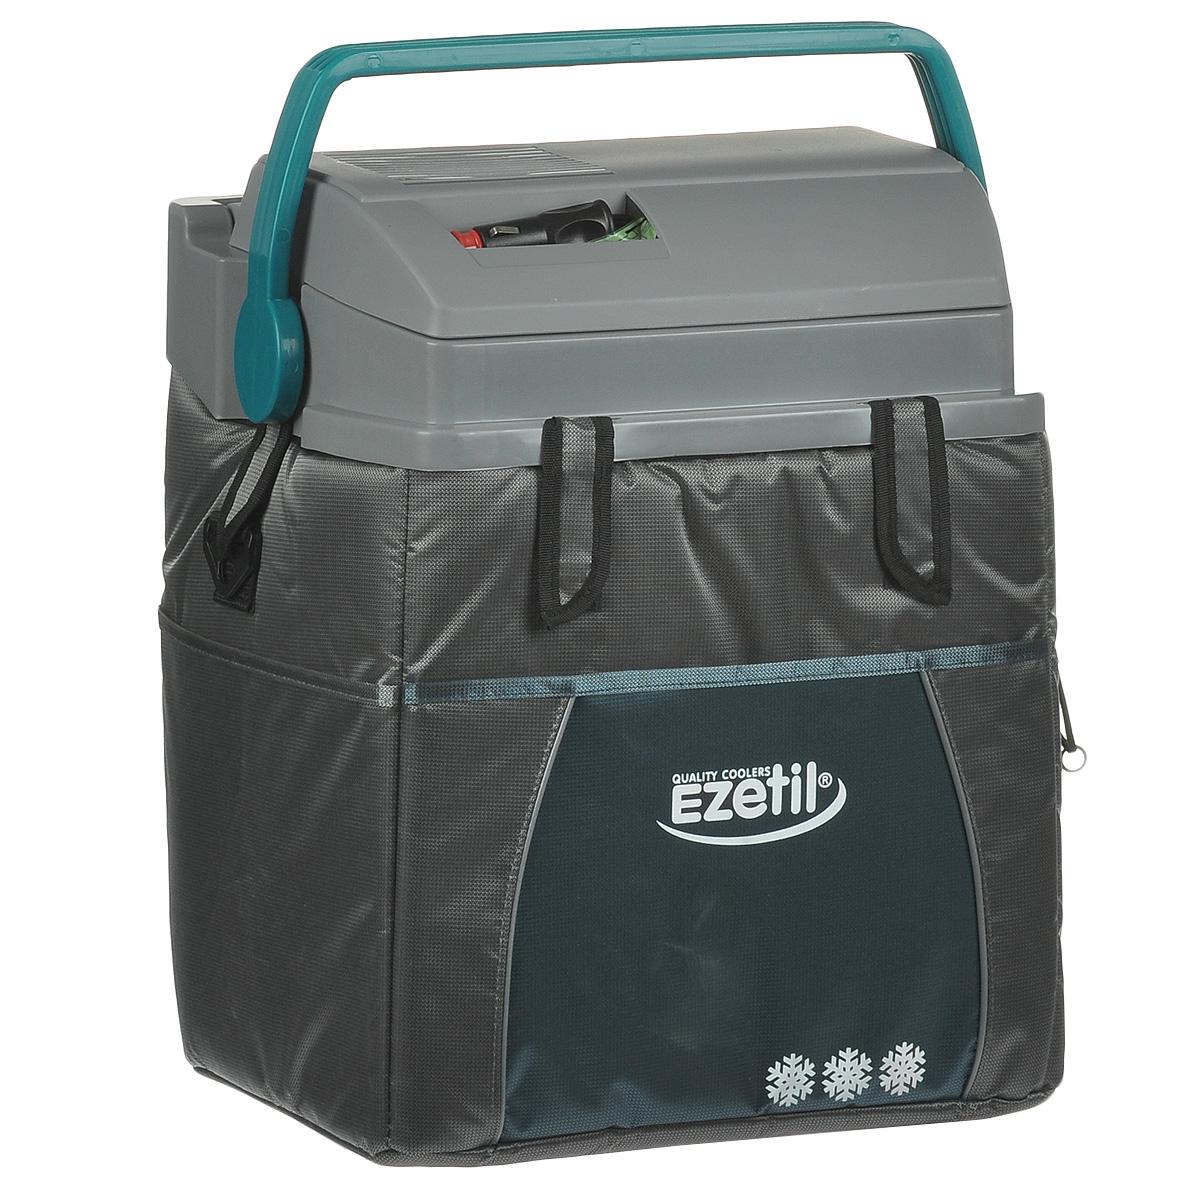 """Термоэлектрический контейнер охлаждения """"Ezetil ESC 21 12V"""", цвет: серый, 19,6 л"""